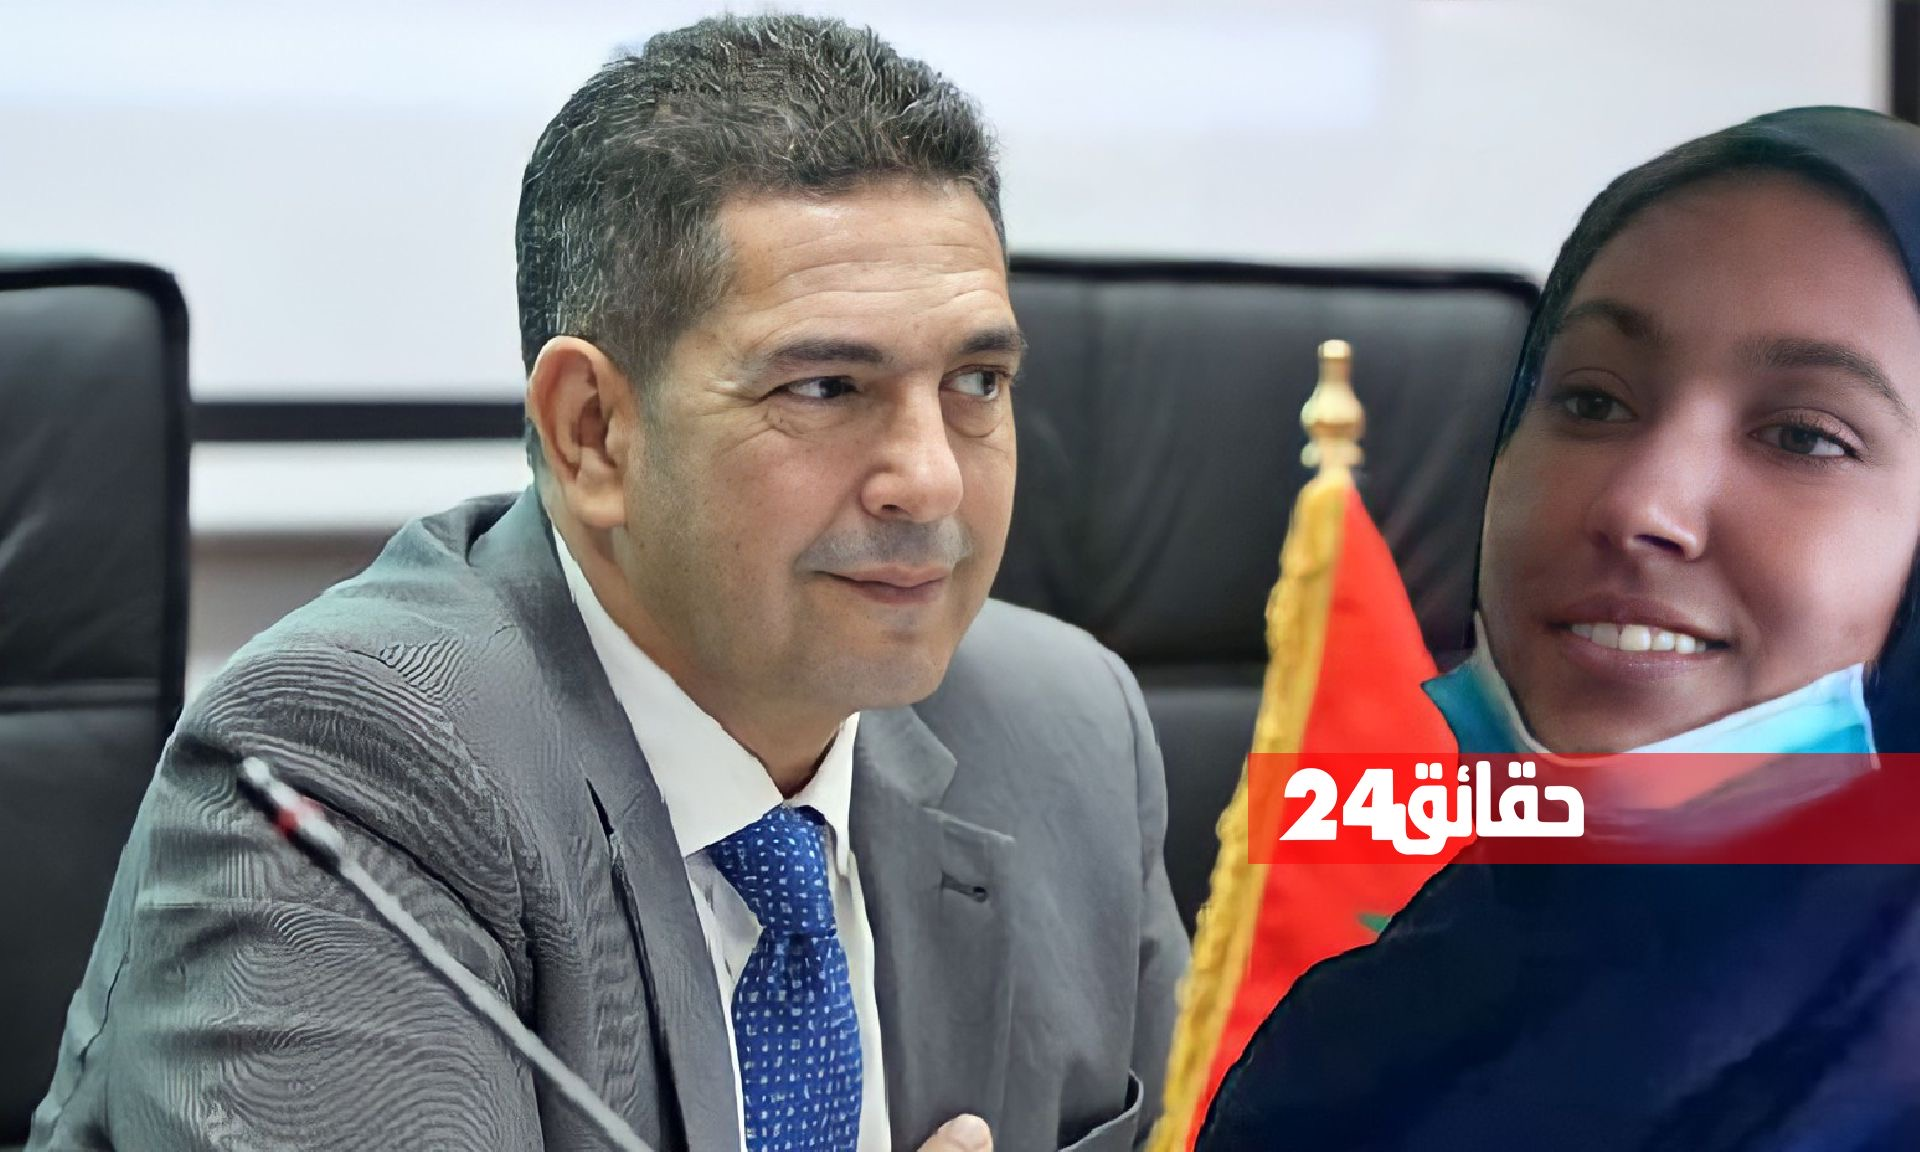 صورة أمزازي يتفاعل مع التلميذة التي اتهمت بالغش في الإمتحان